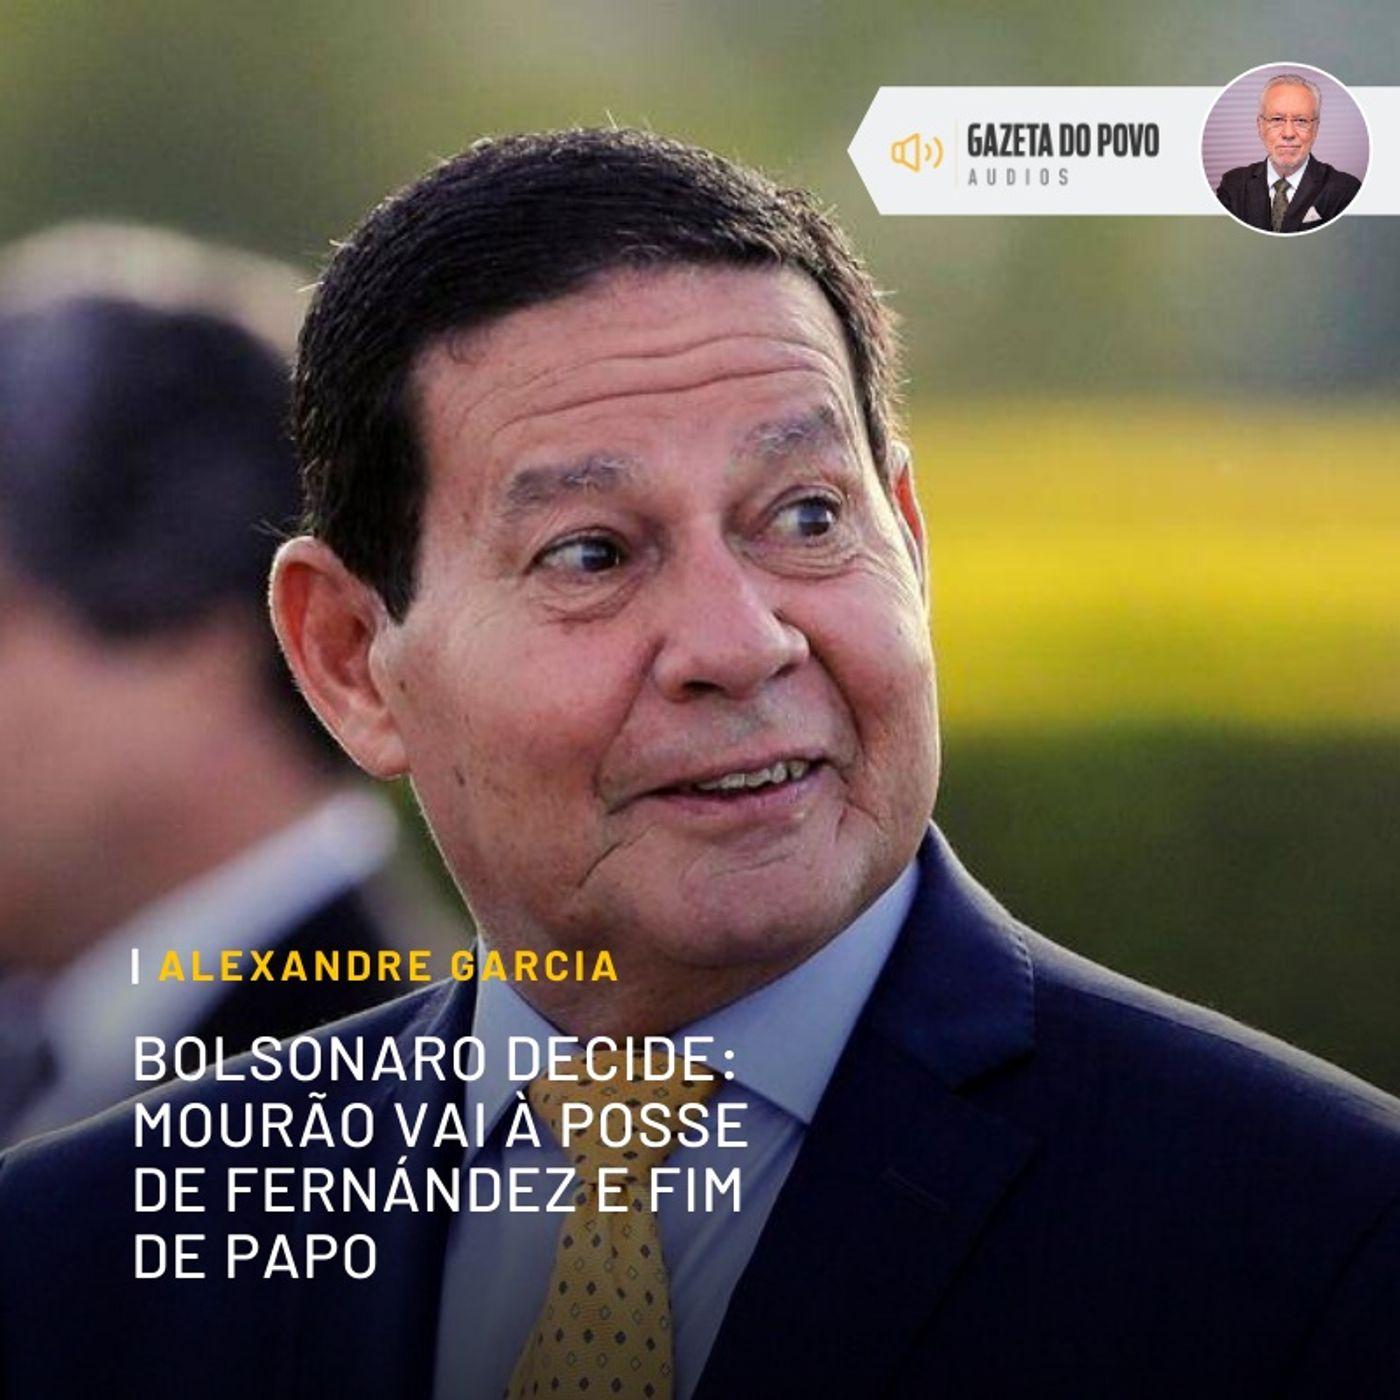 General Mourão vai à posse de Fernández e fim de papo